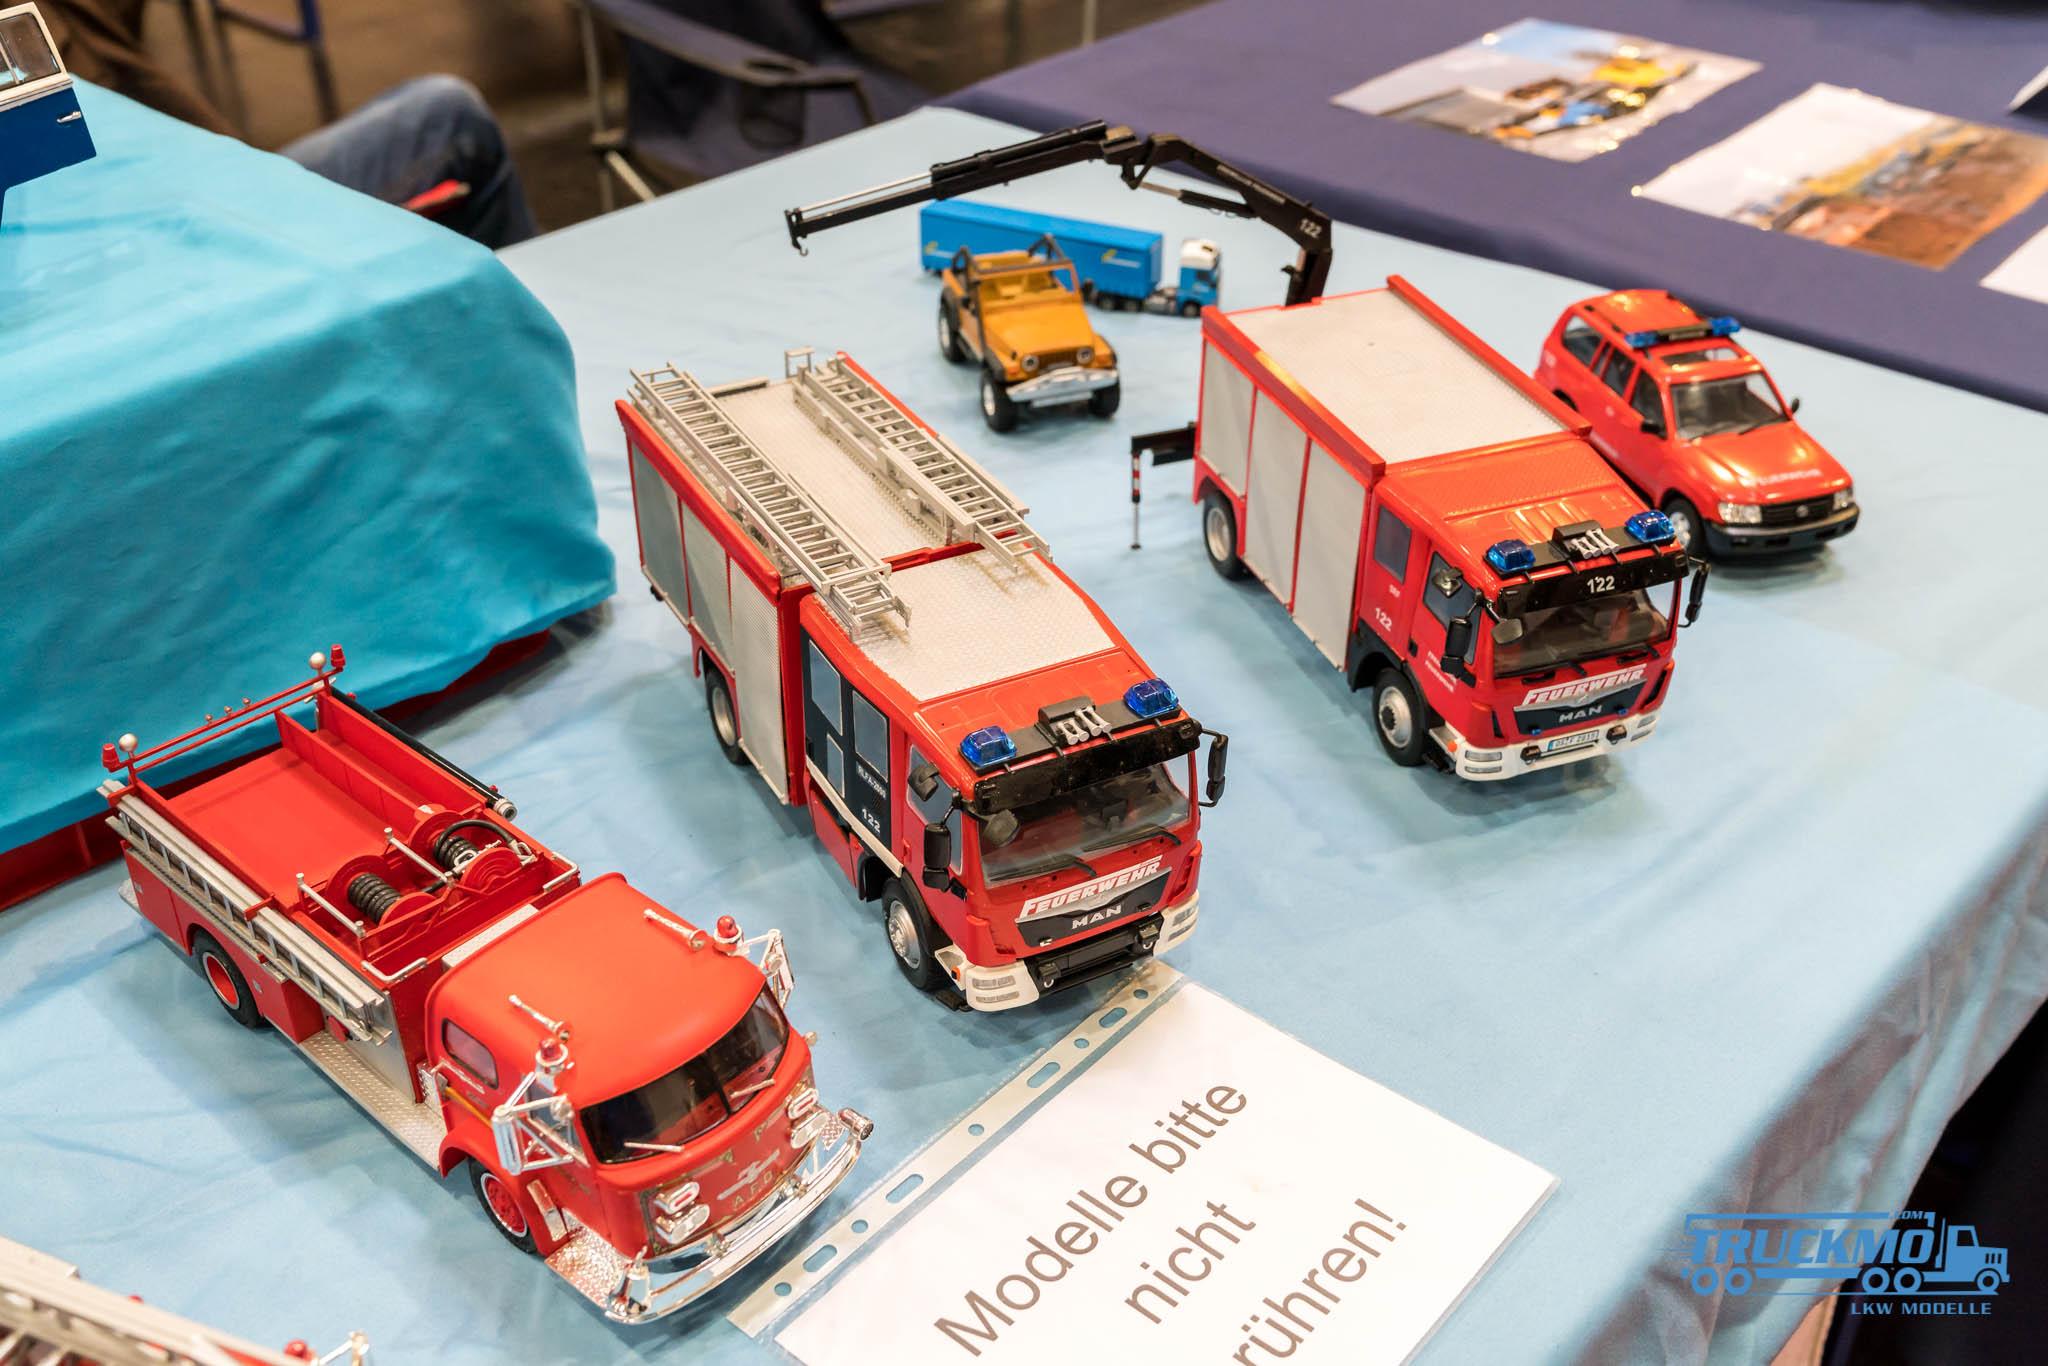 Truckmo_Modellbau_Ried_2017_Herpa_Messe_Modellbauausstellung (340 von 1177)